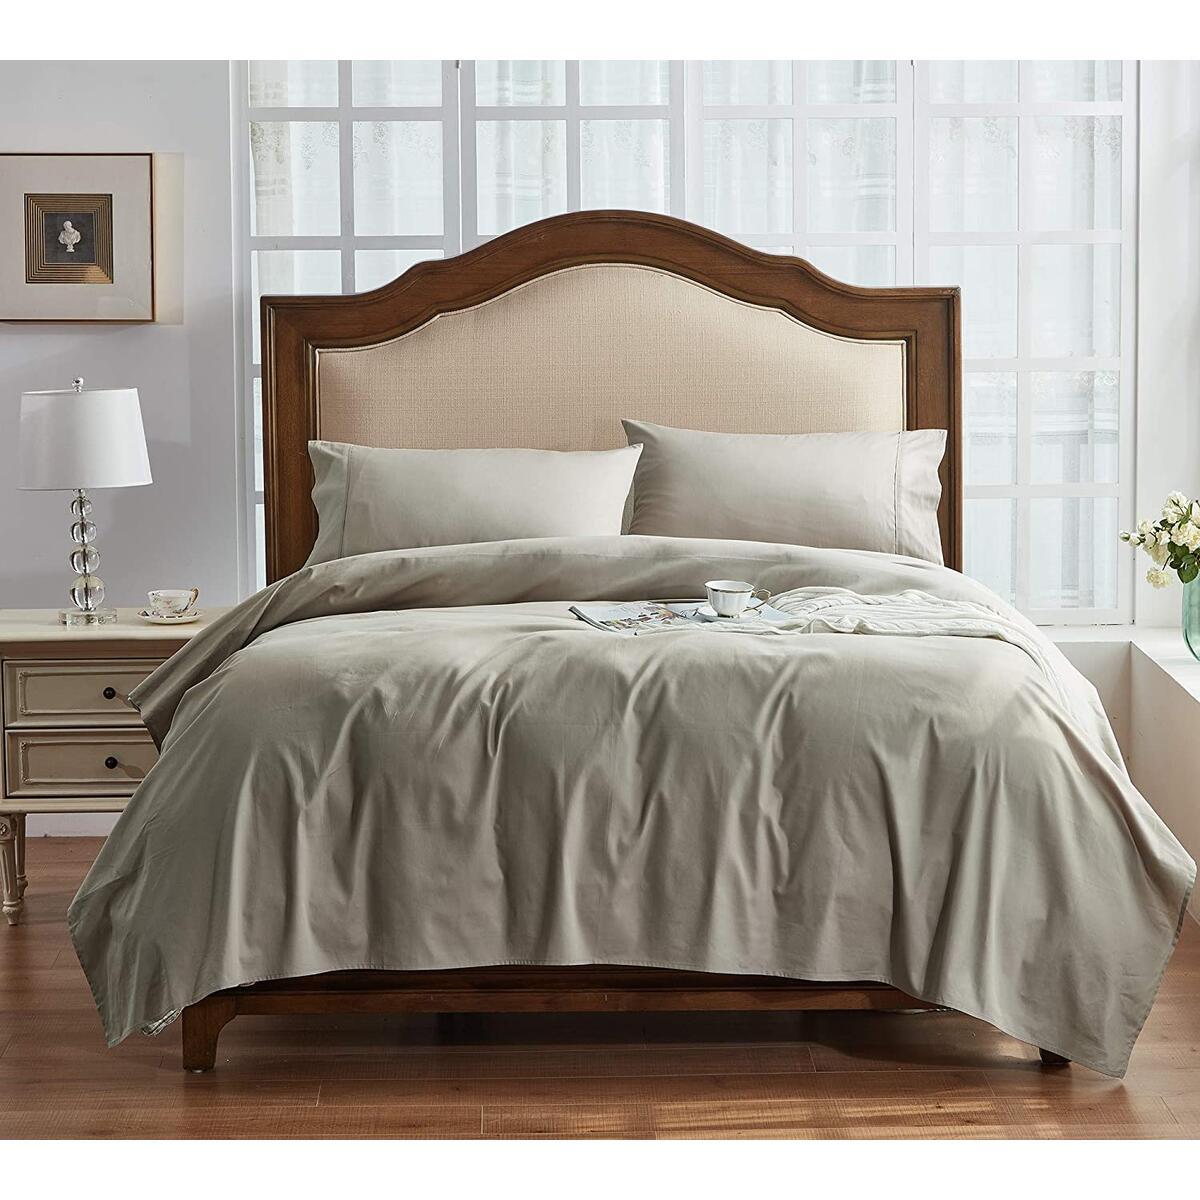 Bed Sheets Rebates Rebatekey